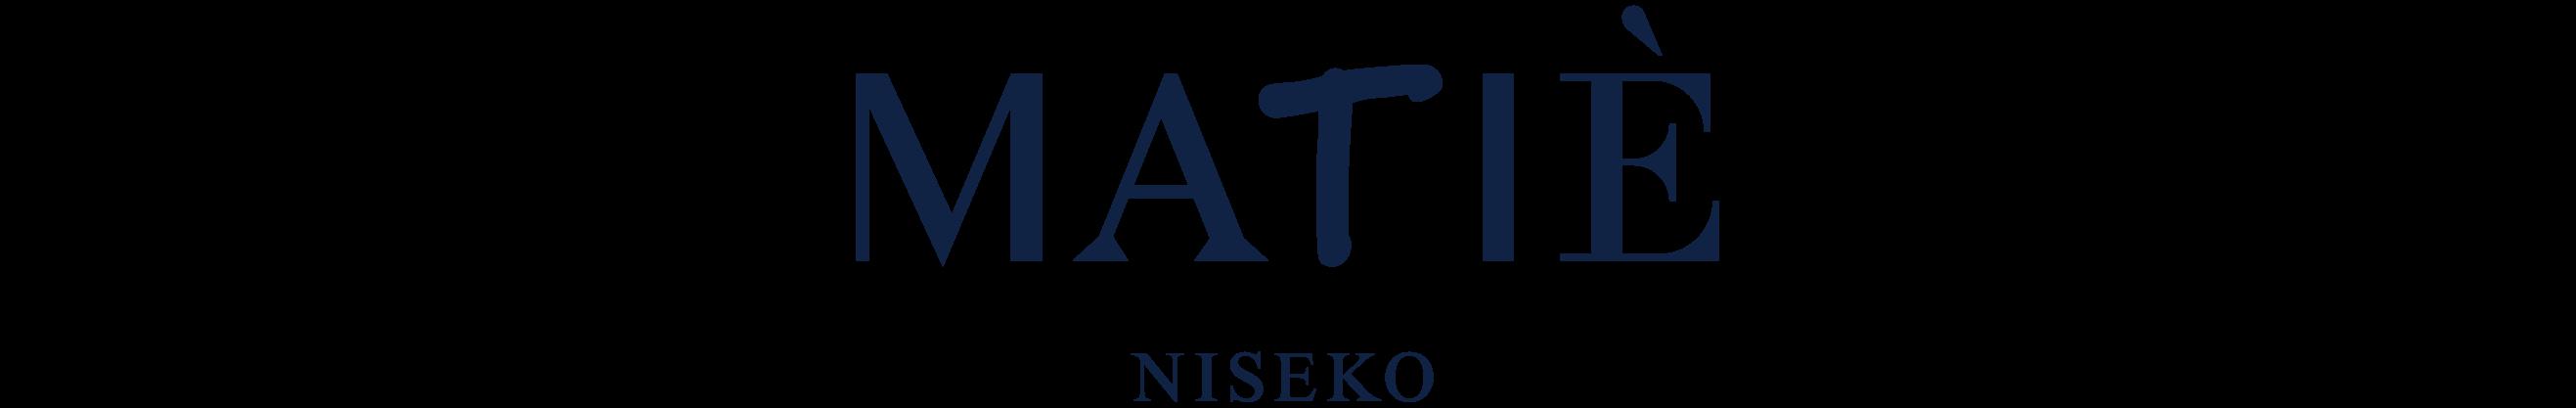 Web sponsor banner matie